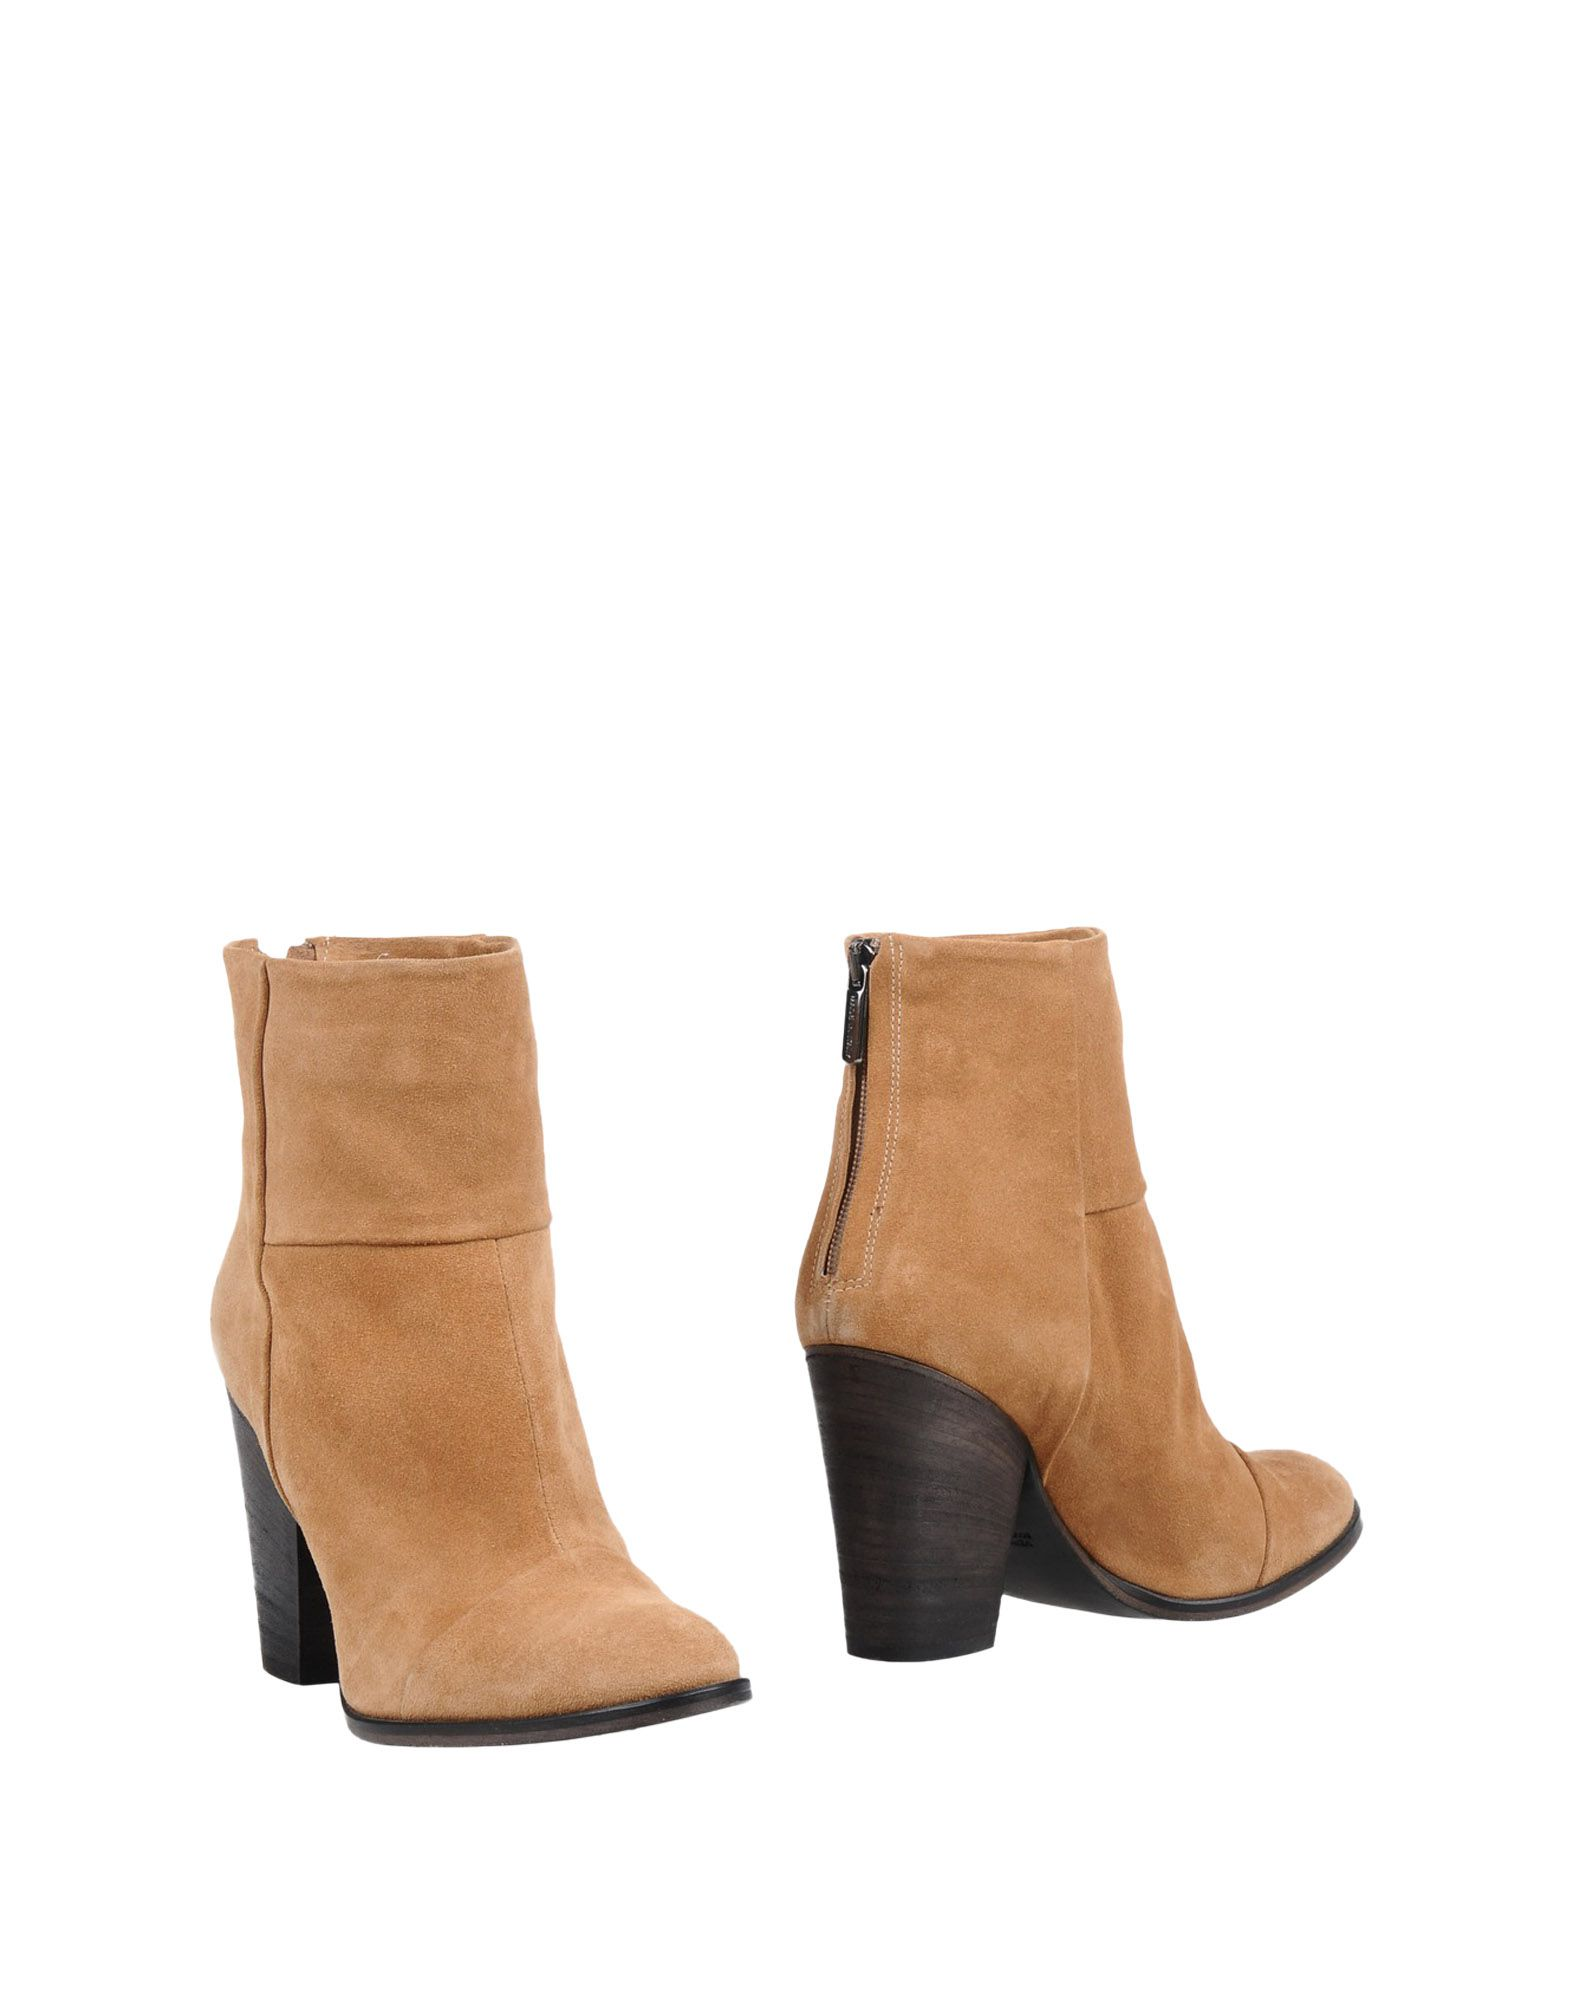 Garrice Stiefelette Damen  11420021JJ Gute Qualität beliebte Schuhe